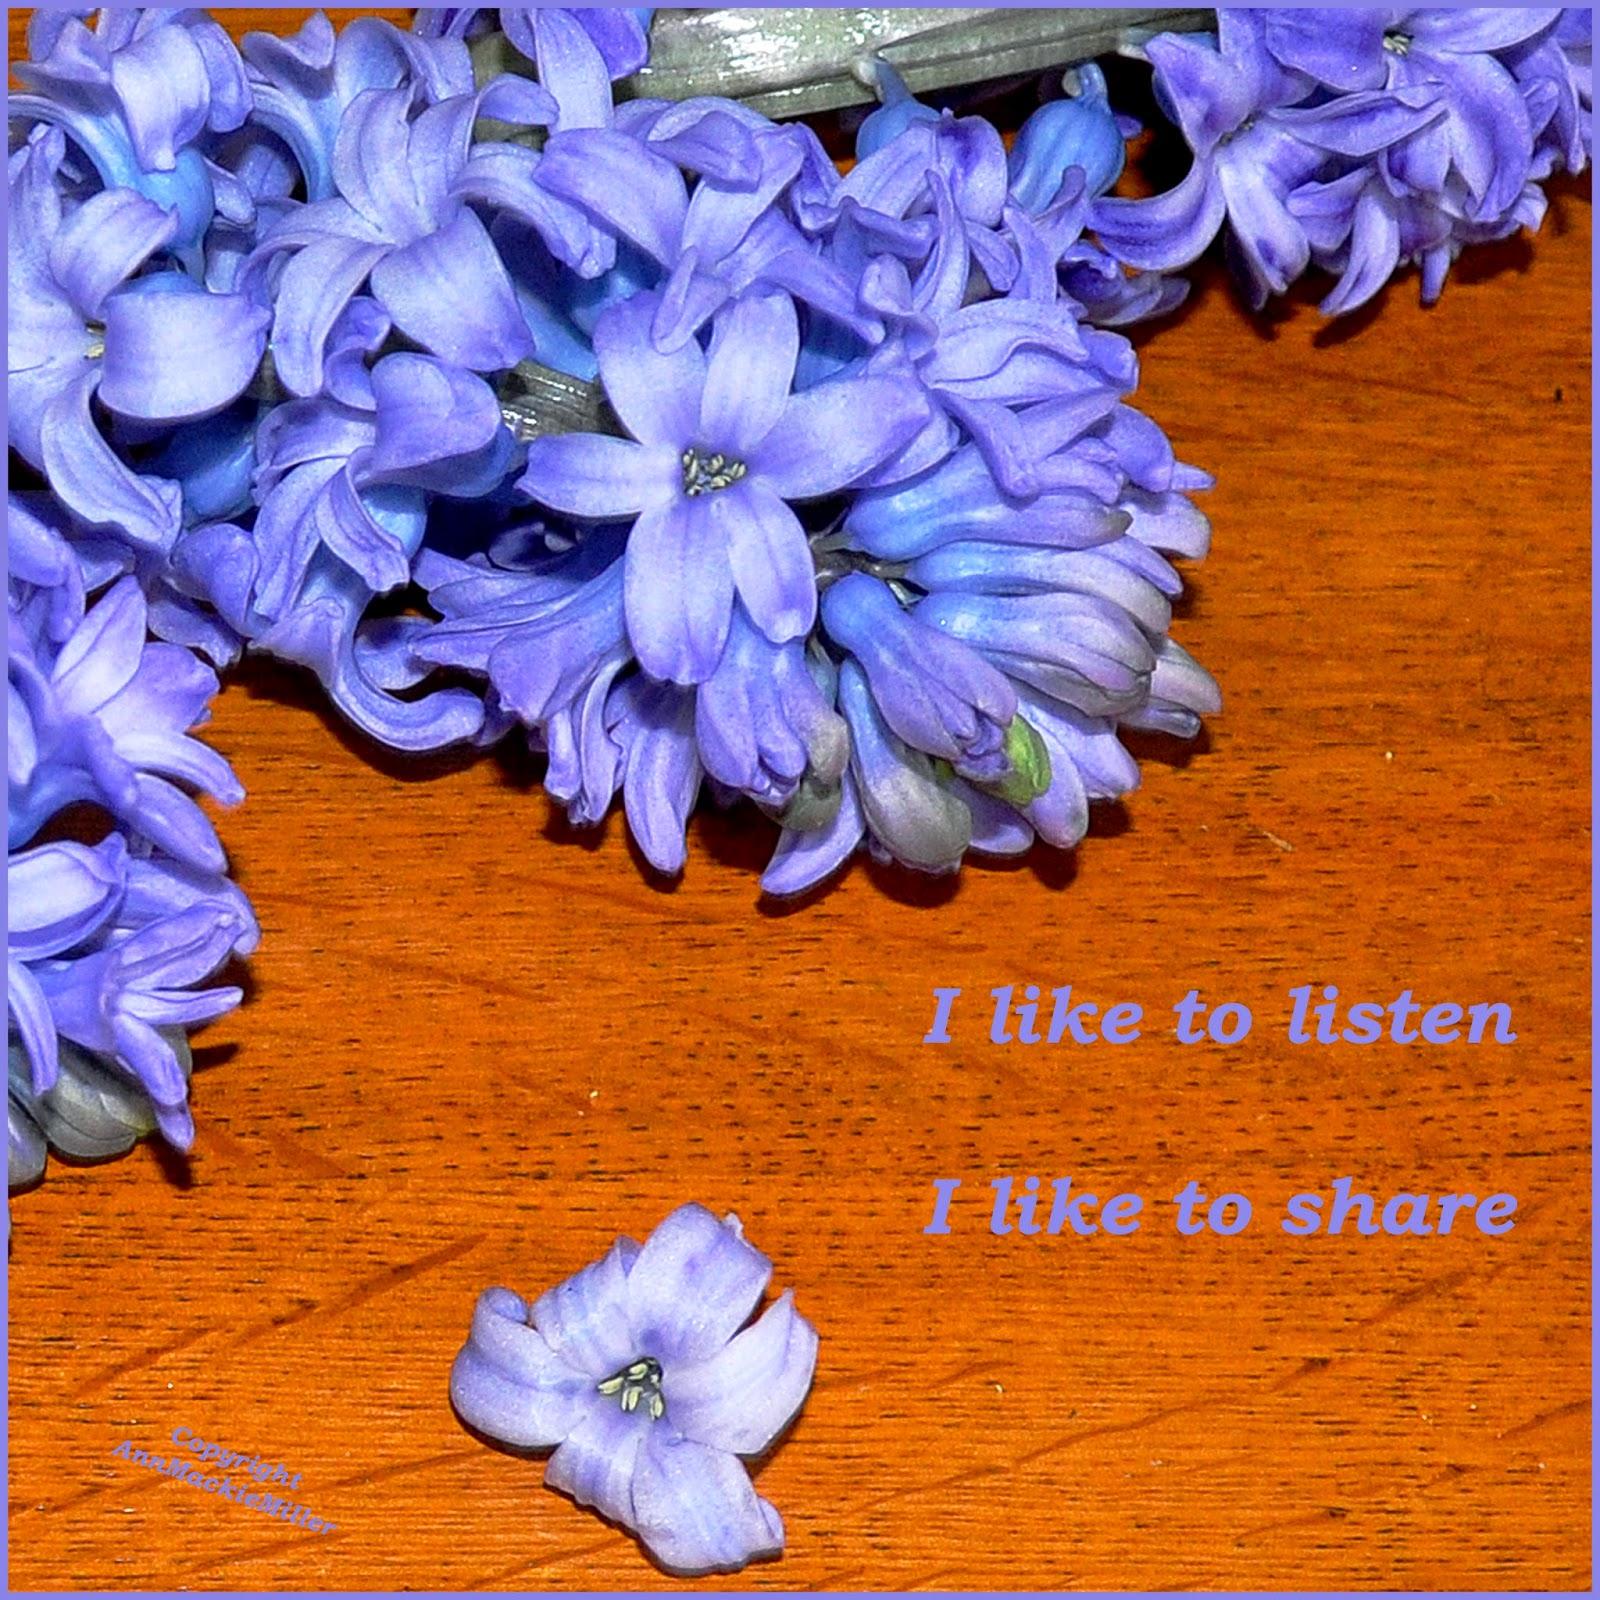 affirmation card - listen